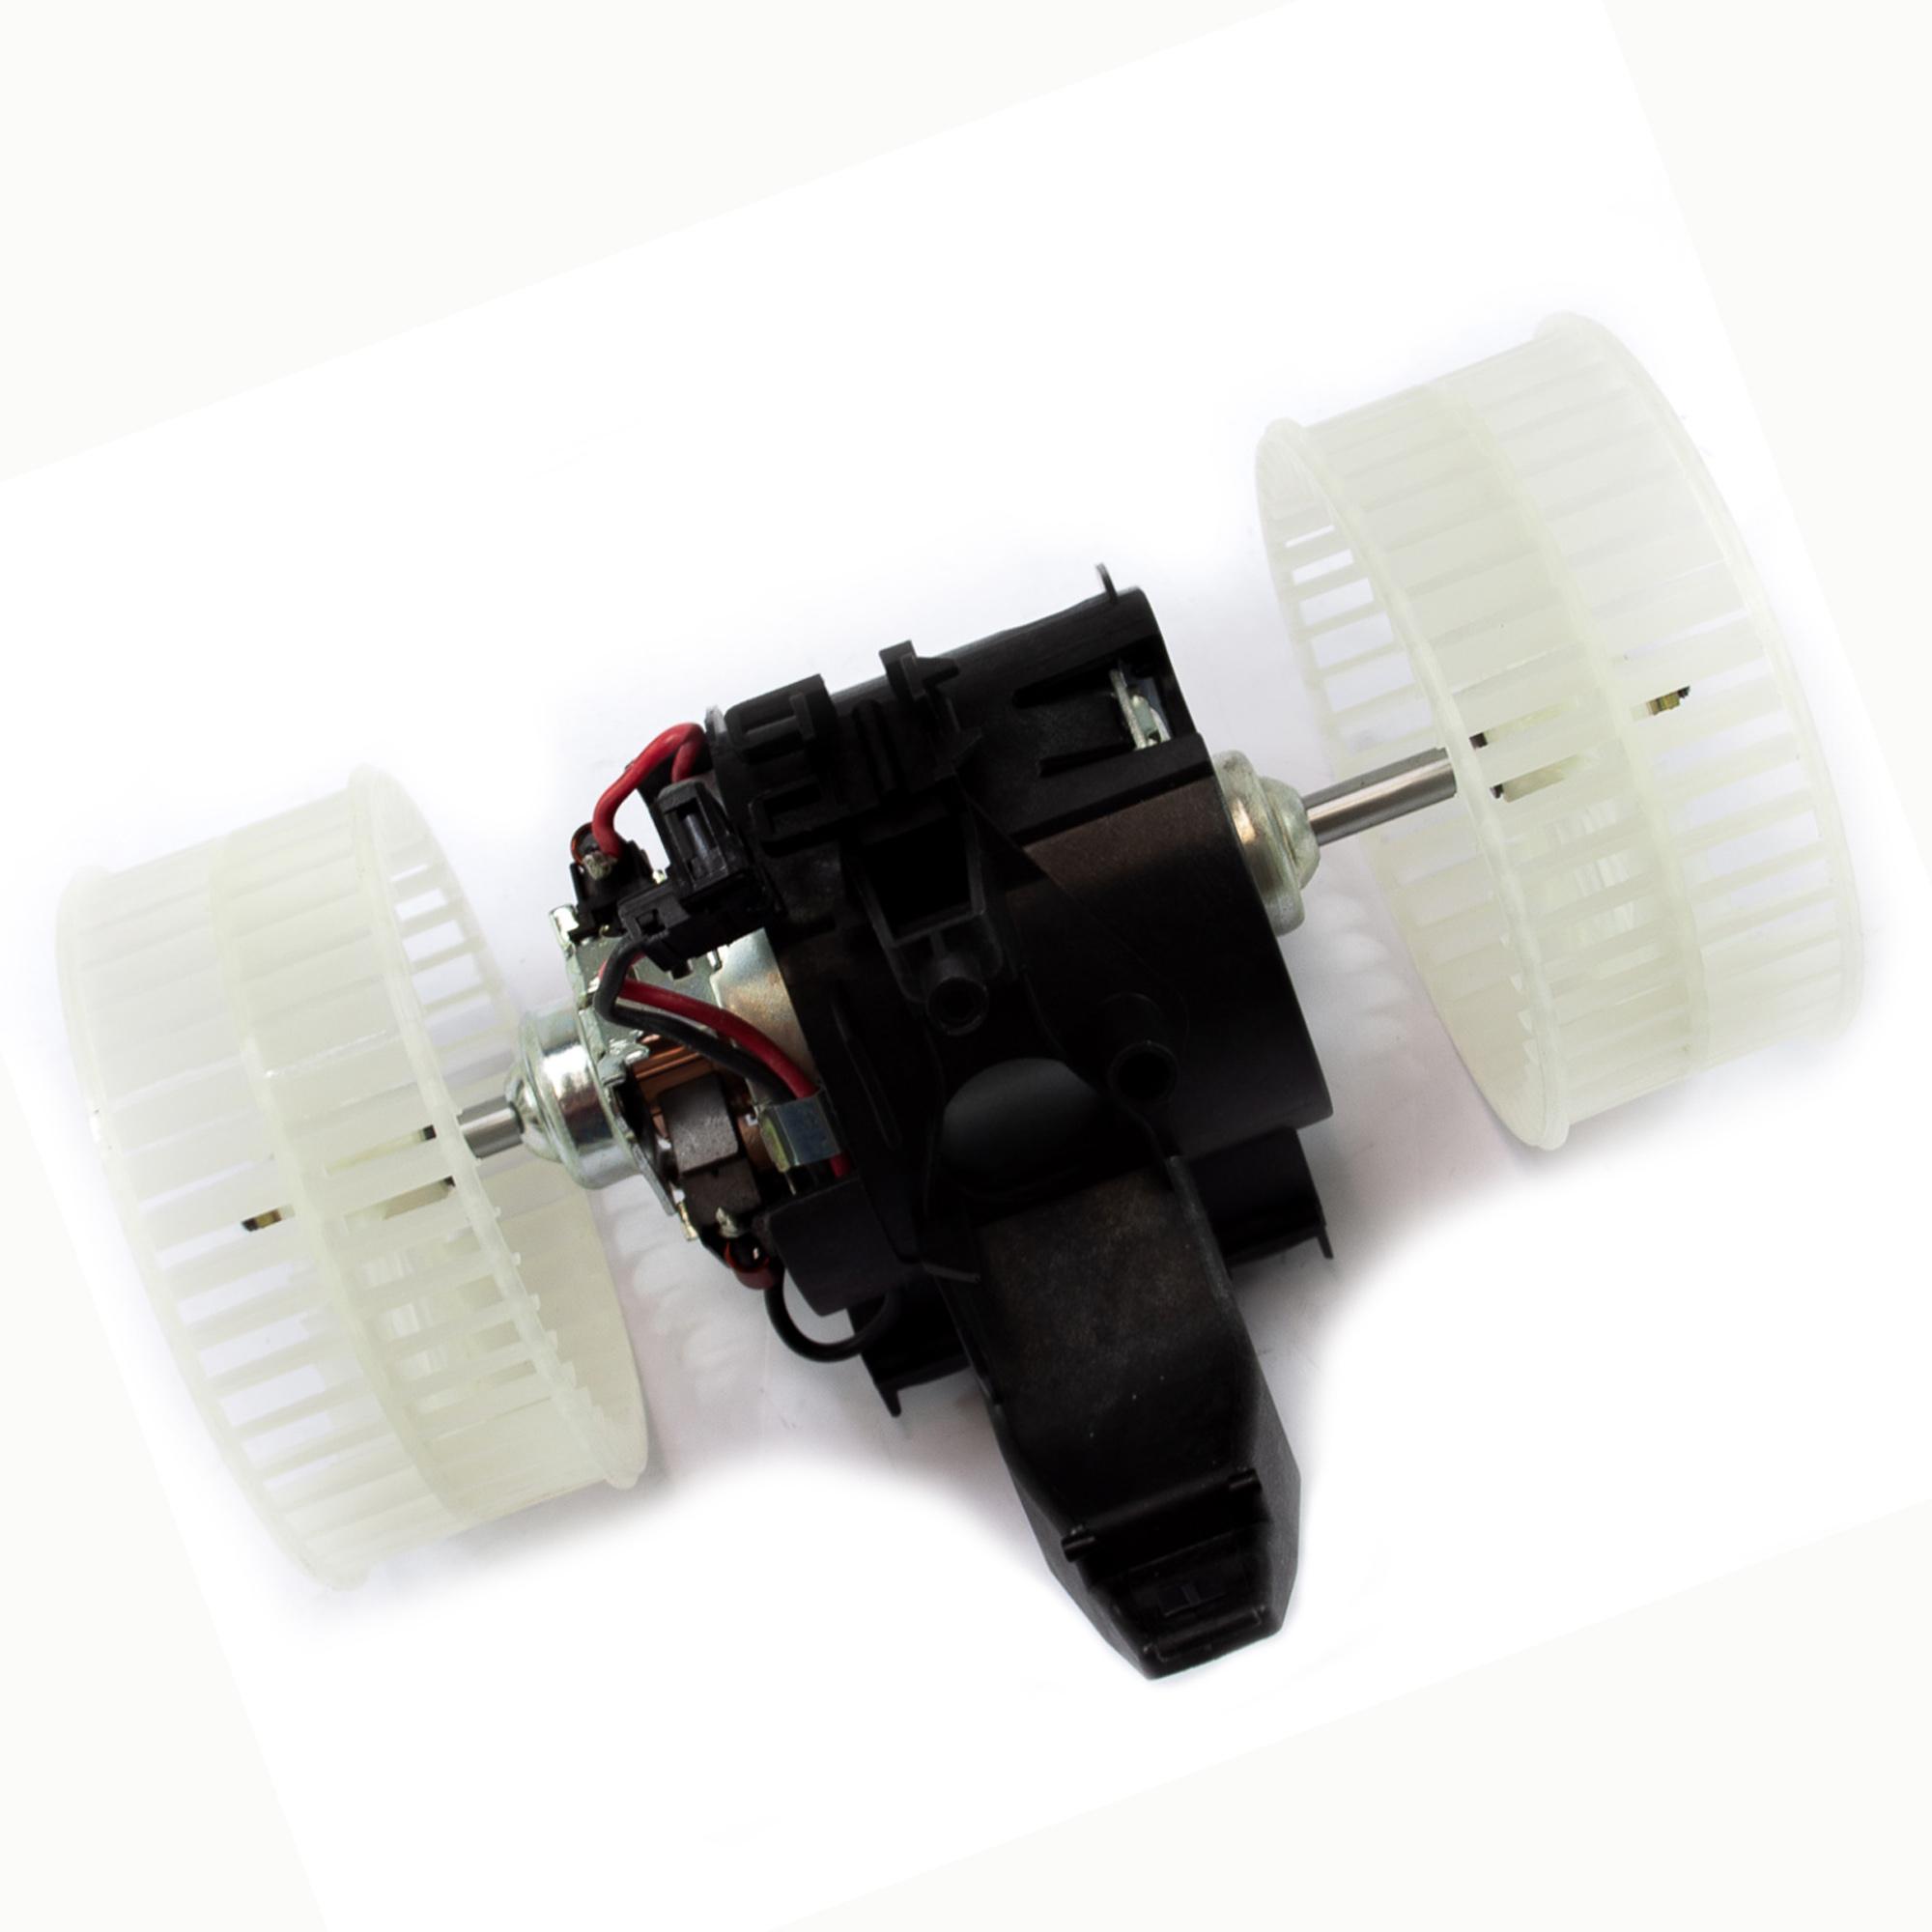 Innenraum-Heiz-Gebläse Lüfter-Motor - BMW 5er E60 E61, 6er E63 E64 64116933910